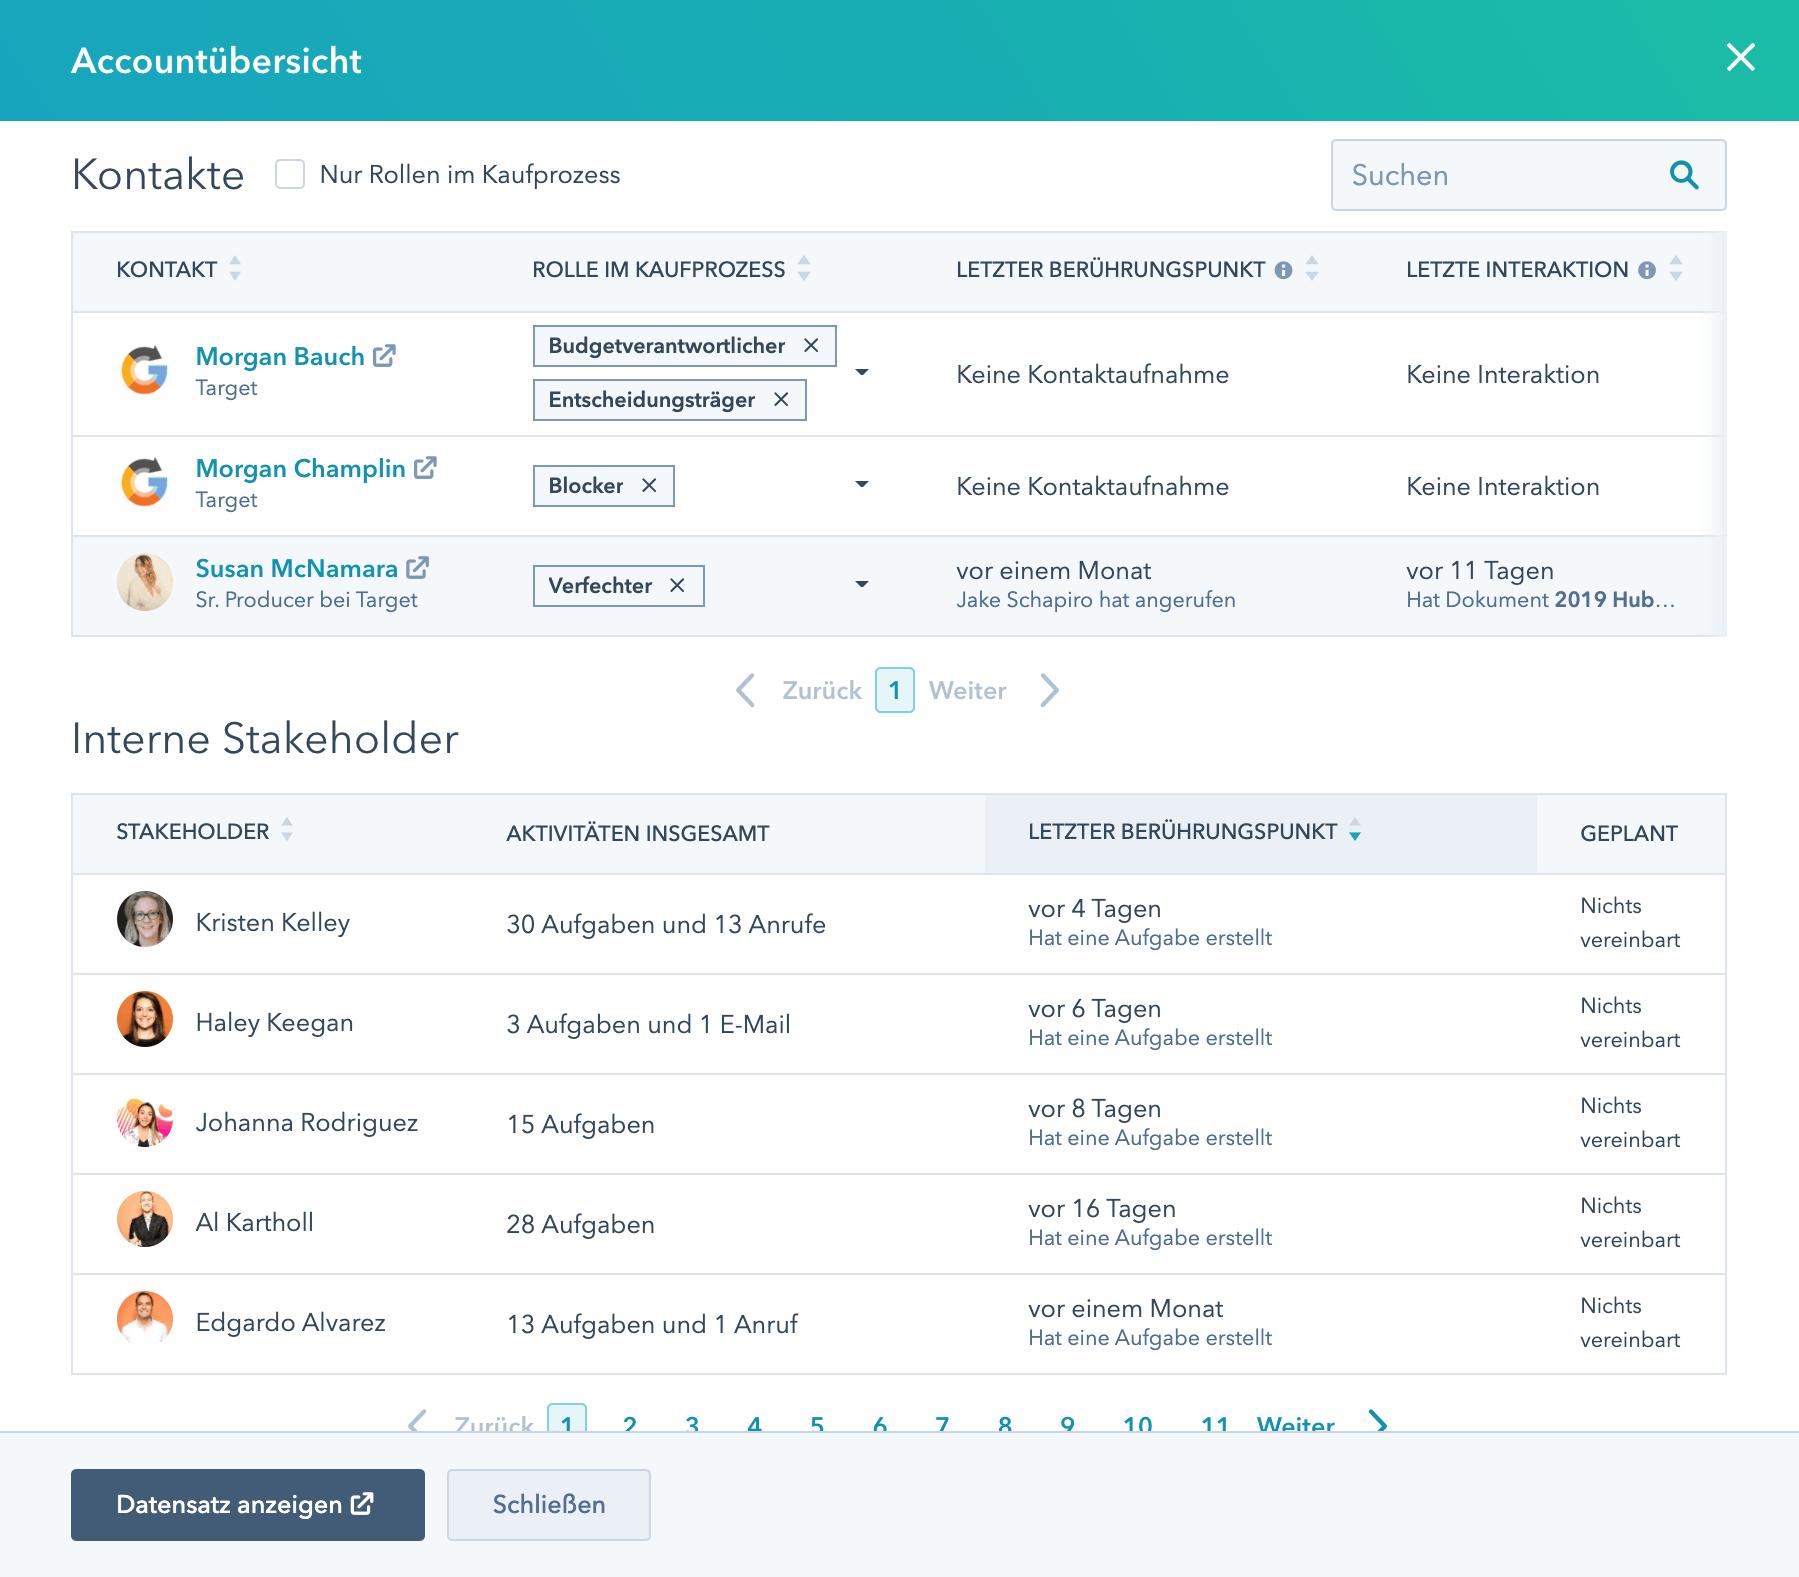 ABM-Account-Uebersicht